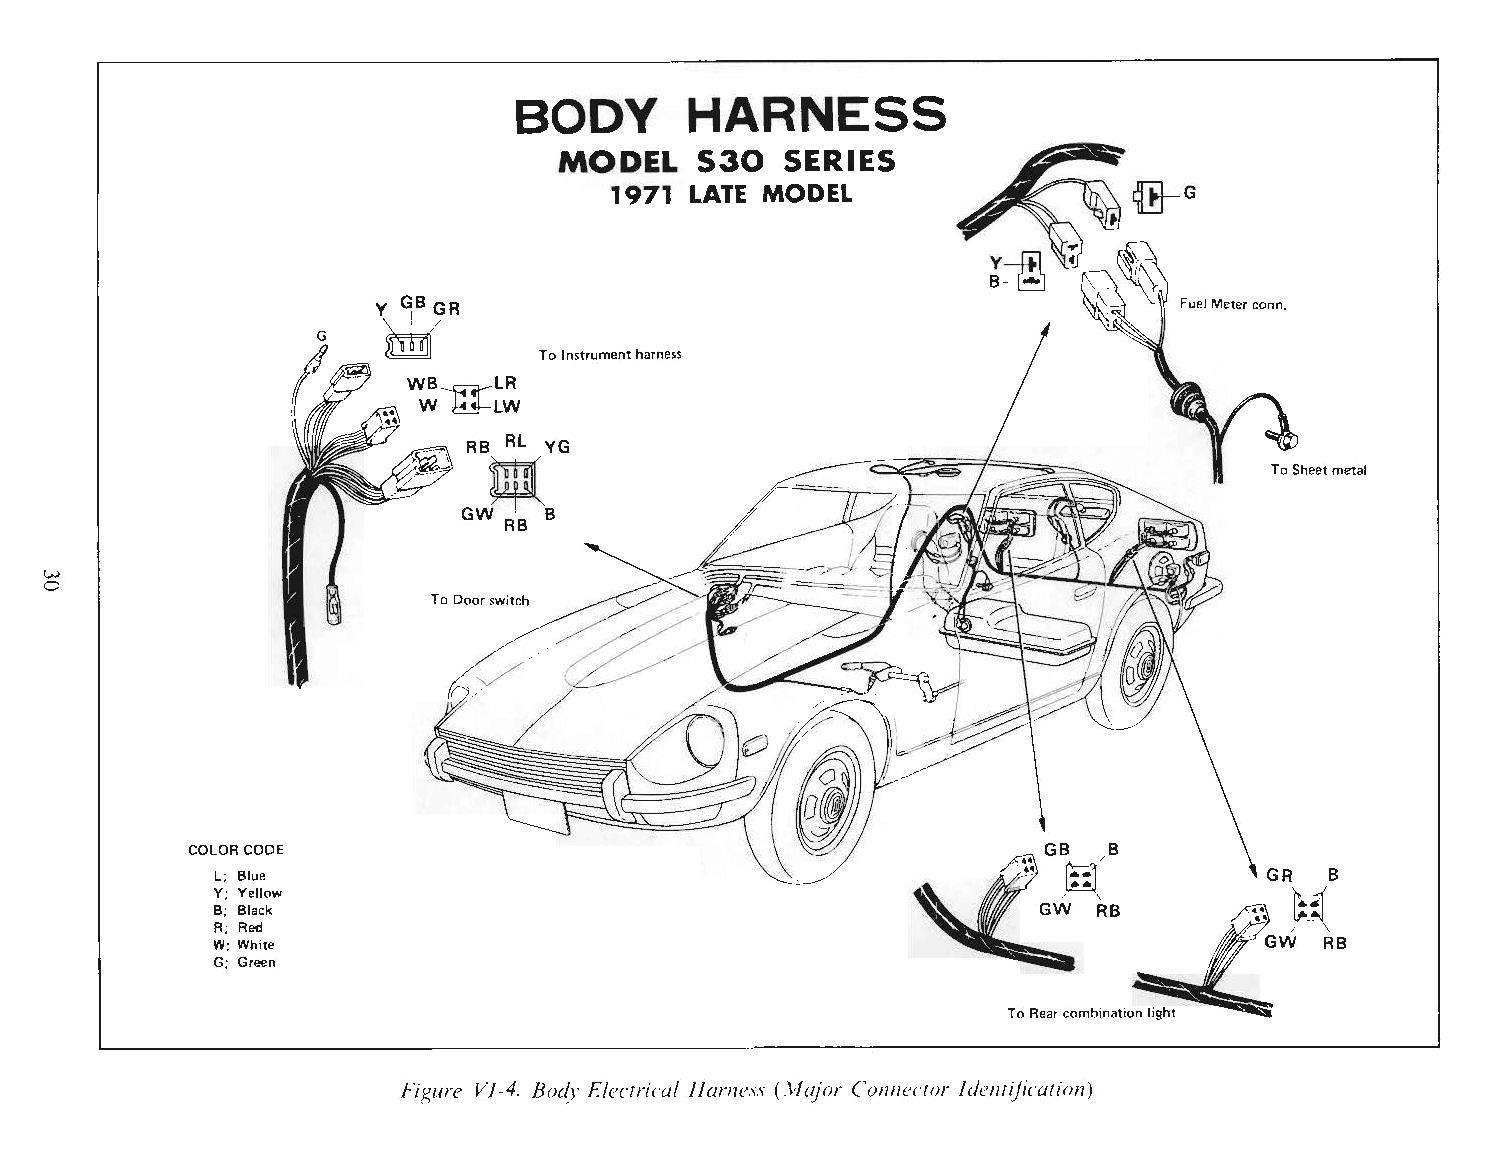 1971 240z wiring diagram